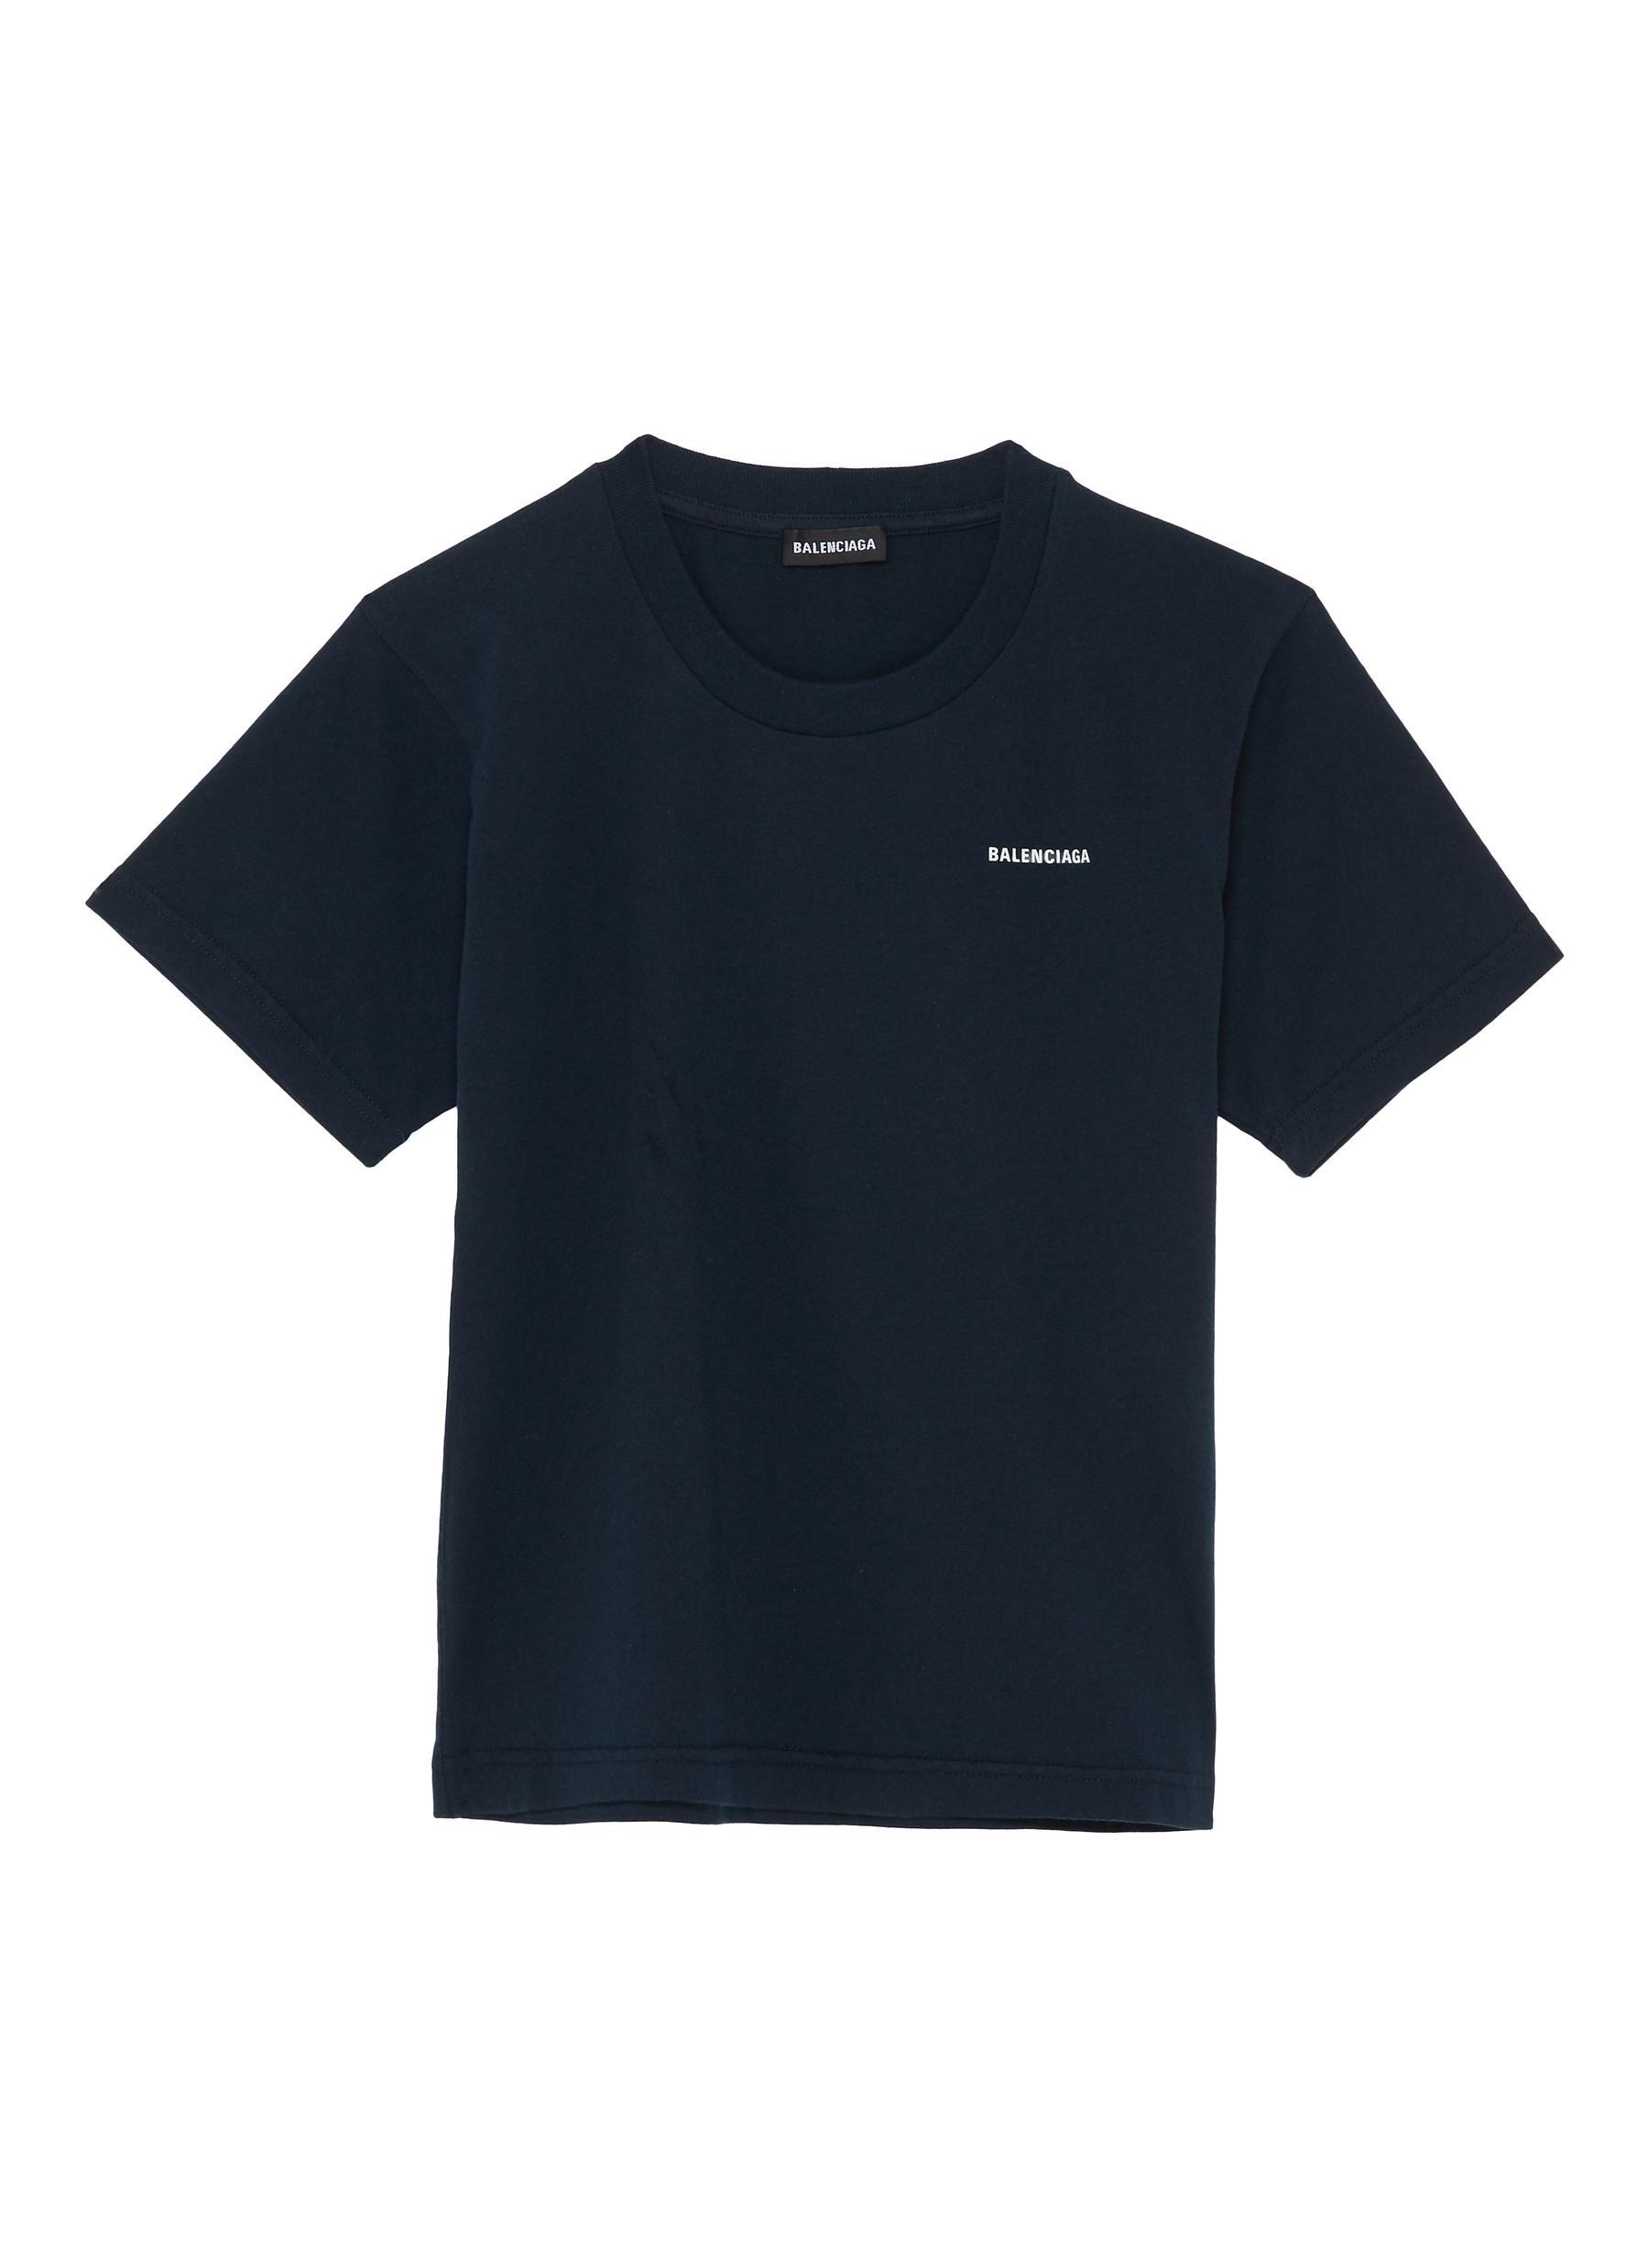 BALENCIAGA | Logo kids T-shirt | Kids